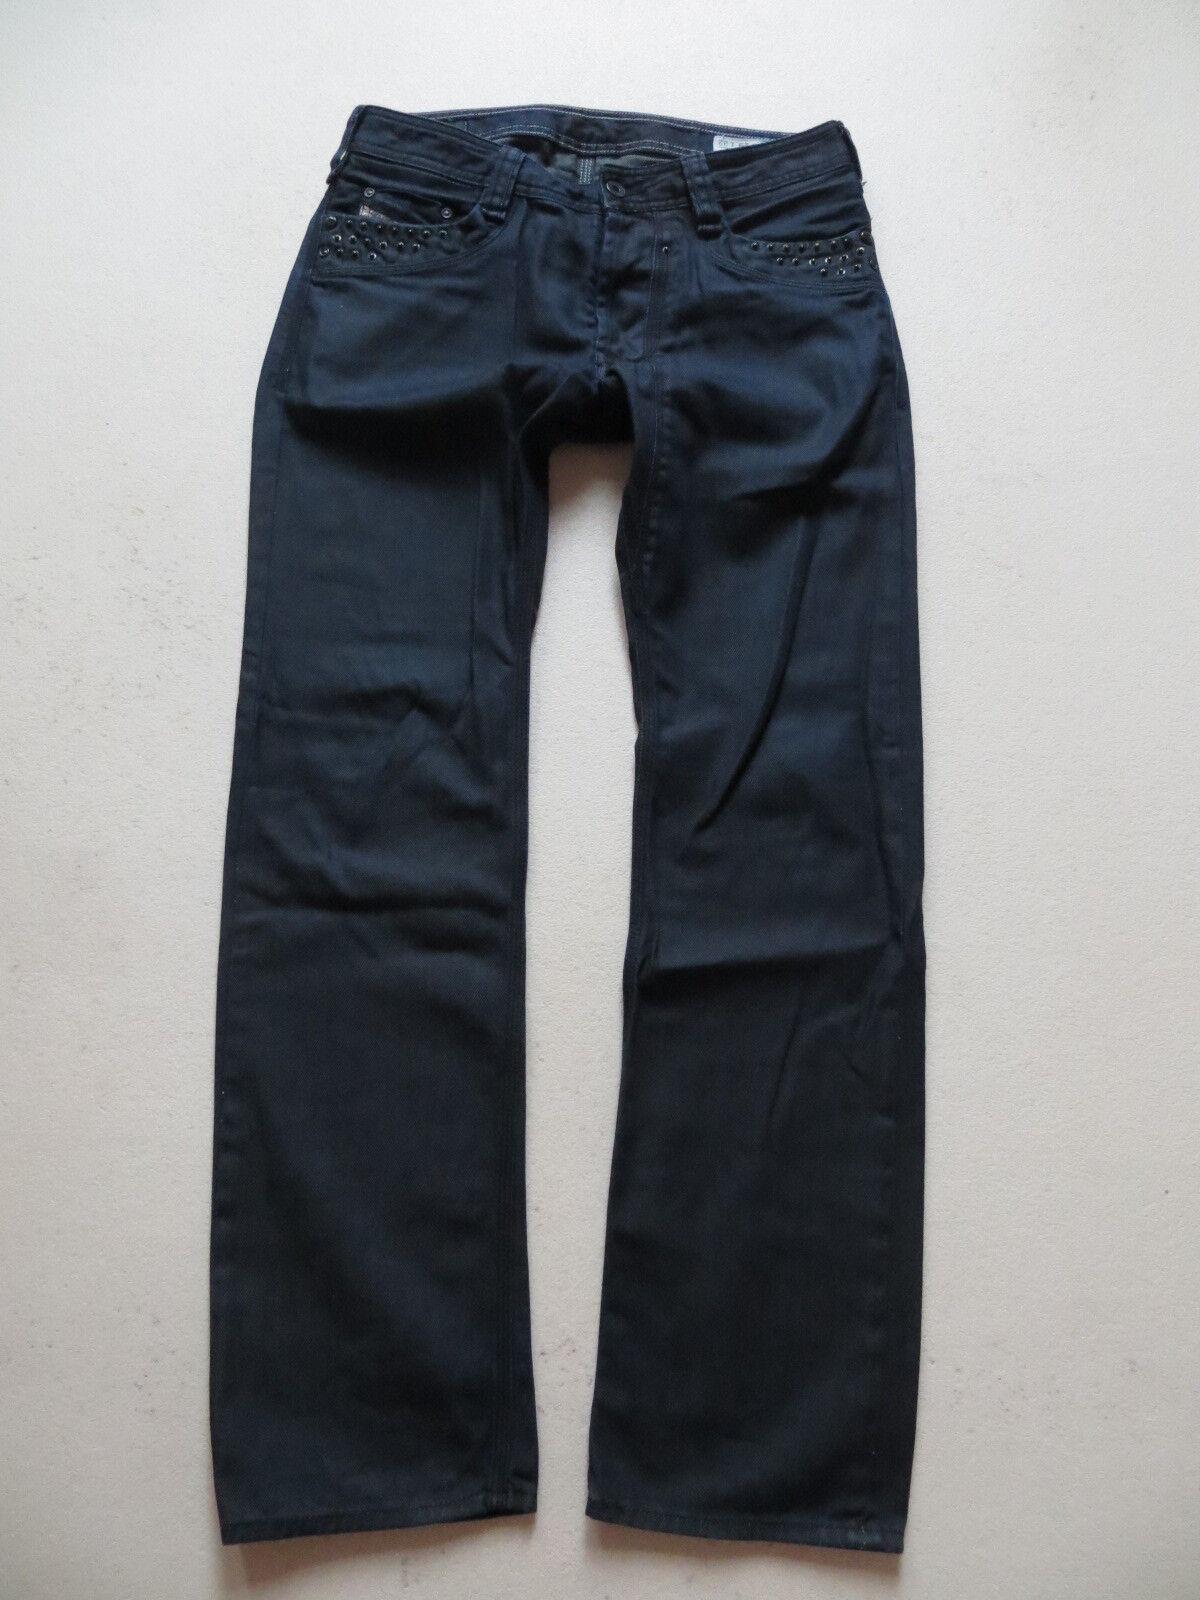 DIESEL Jeans Hose TIMMEN wash 008LG, W 29  L 32, dark Indigo Denim, mit Nieten